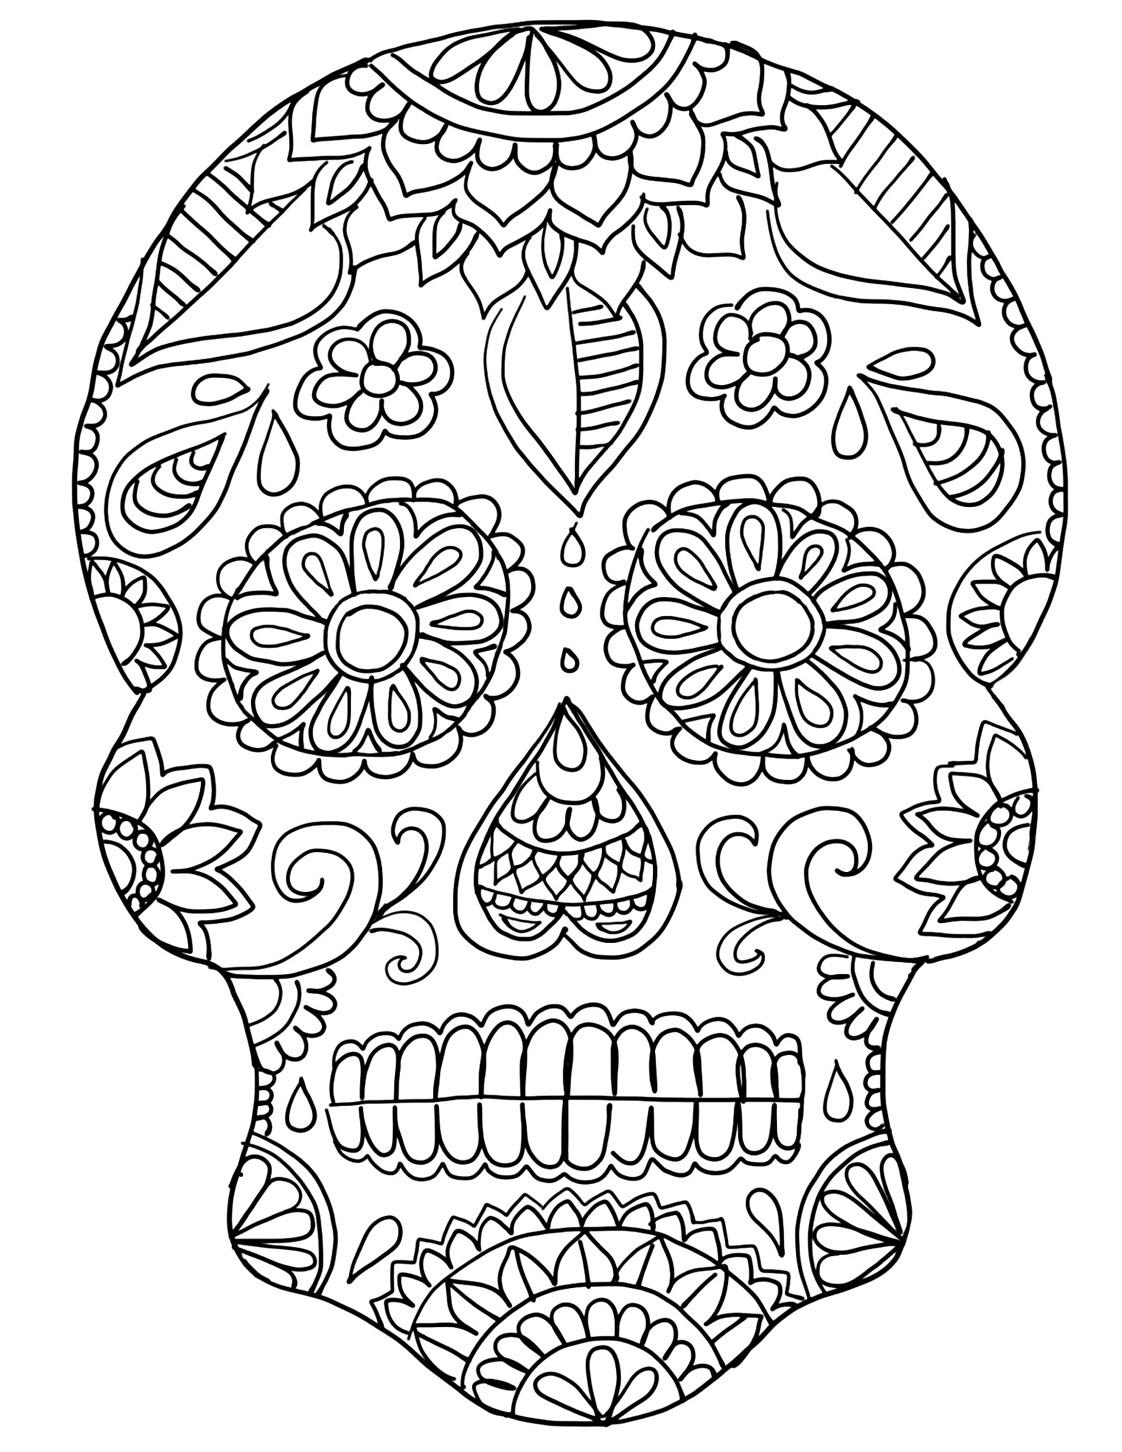 dia de los muertos coloring skull coloring pages for adults coloring muertos dia los de